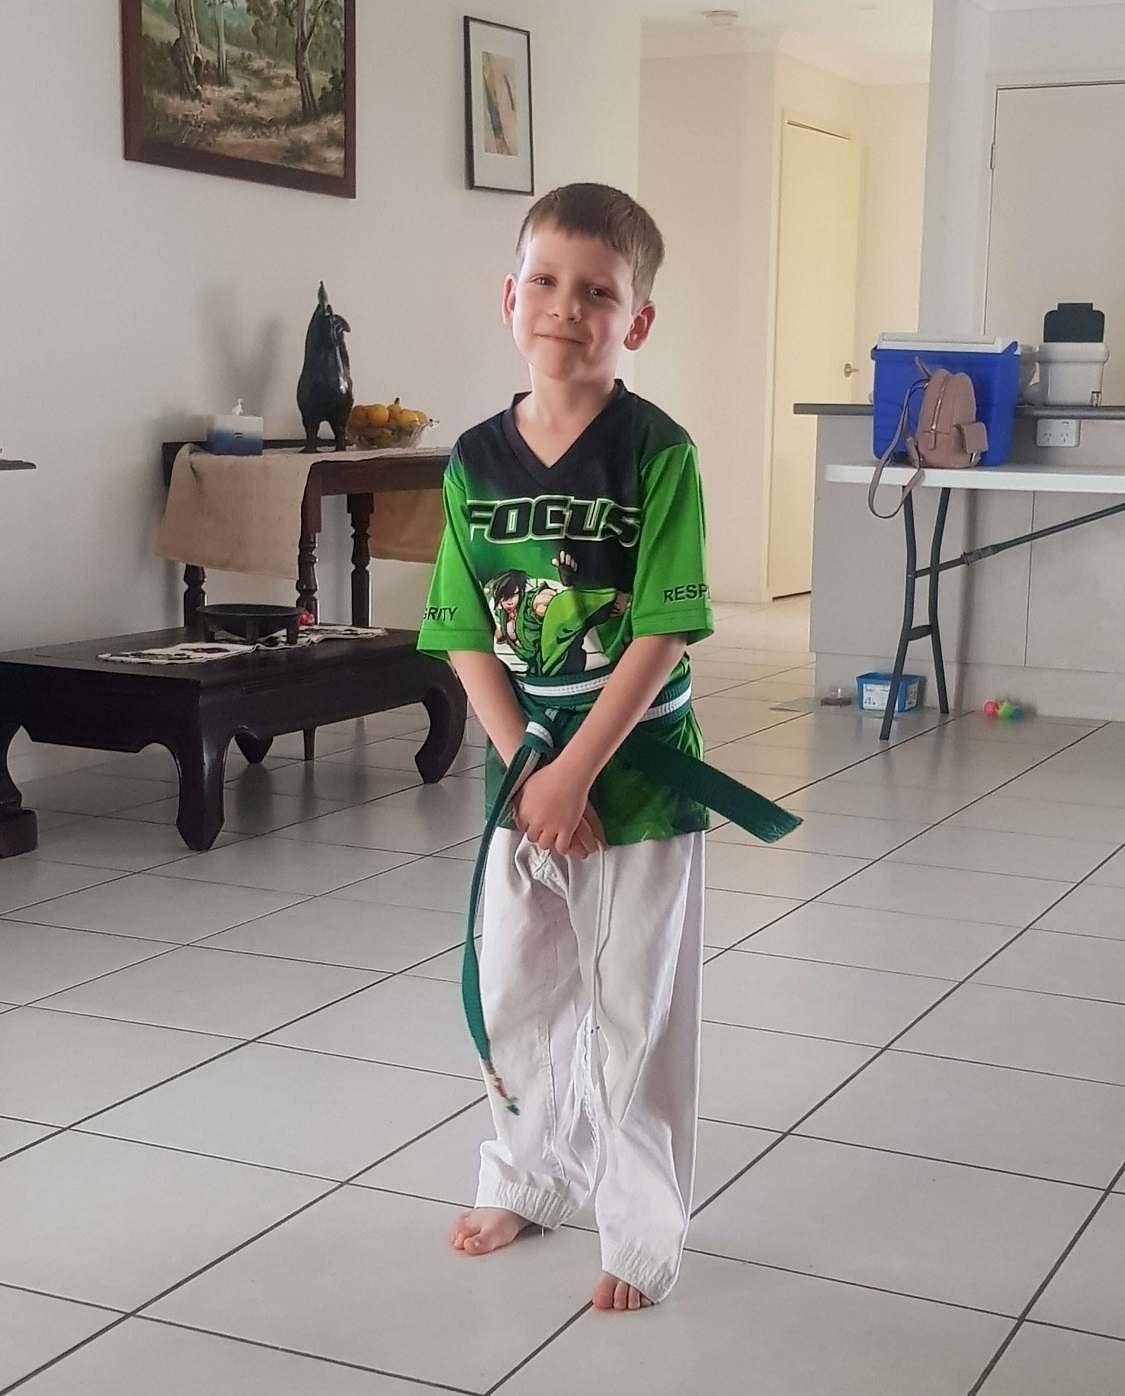 Webp.net Resizeimage 2, Karate International of West Raleigh